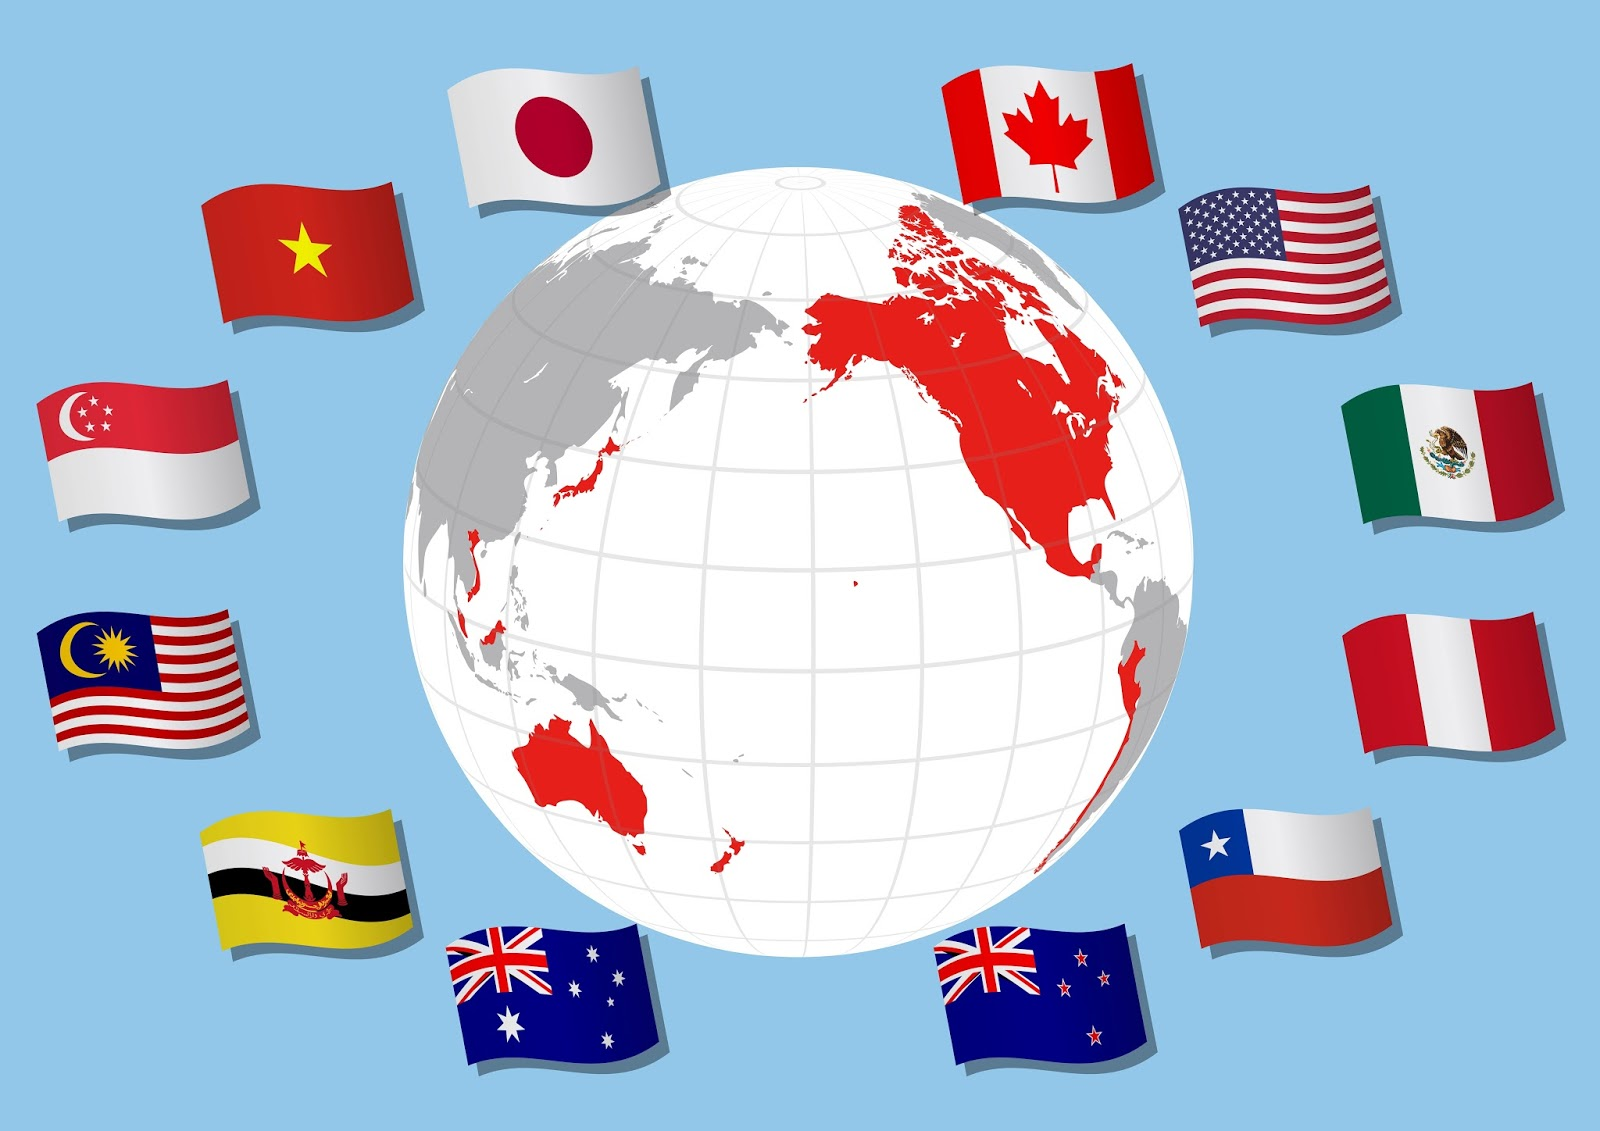 Il mio sito non è visto in tutto il mondo